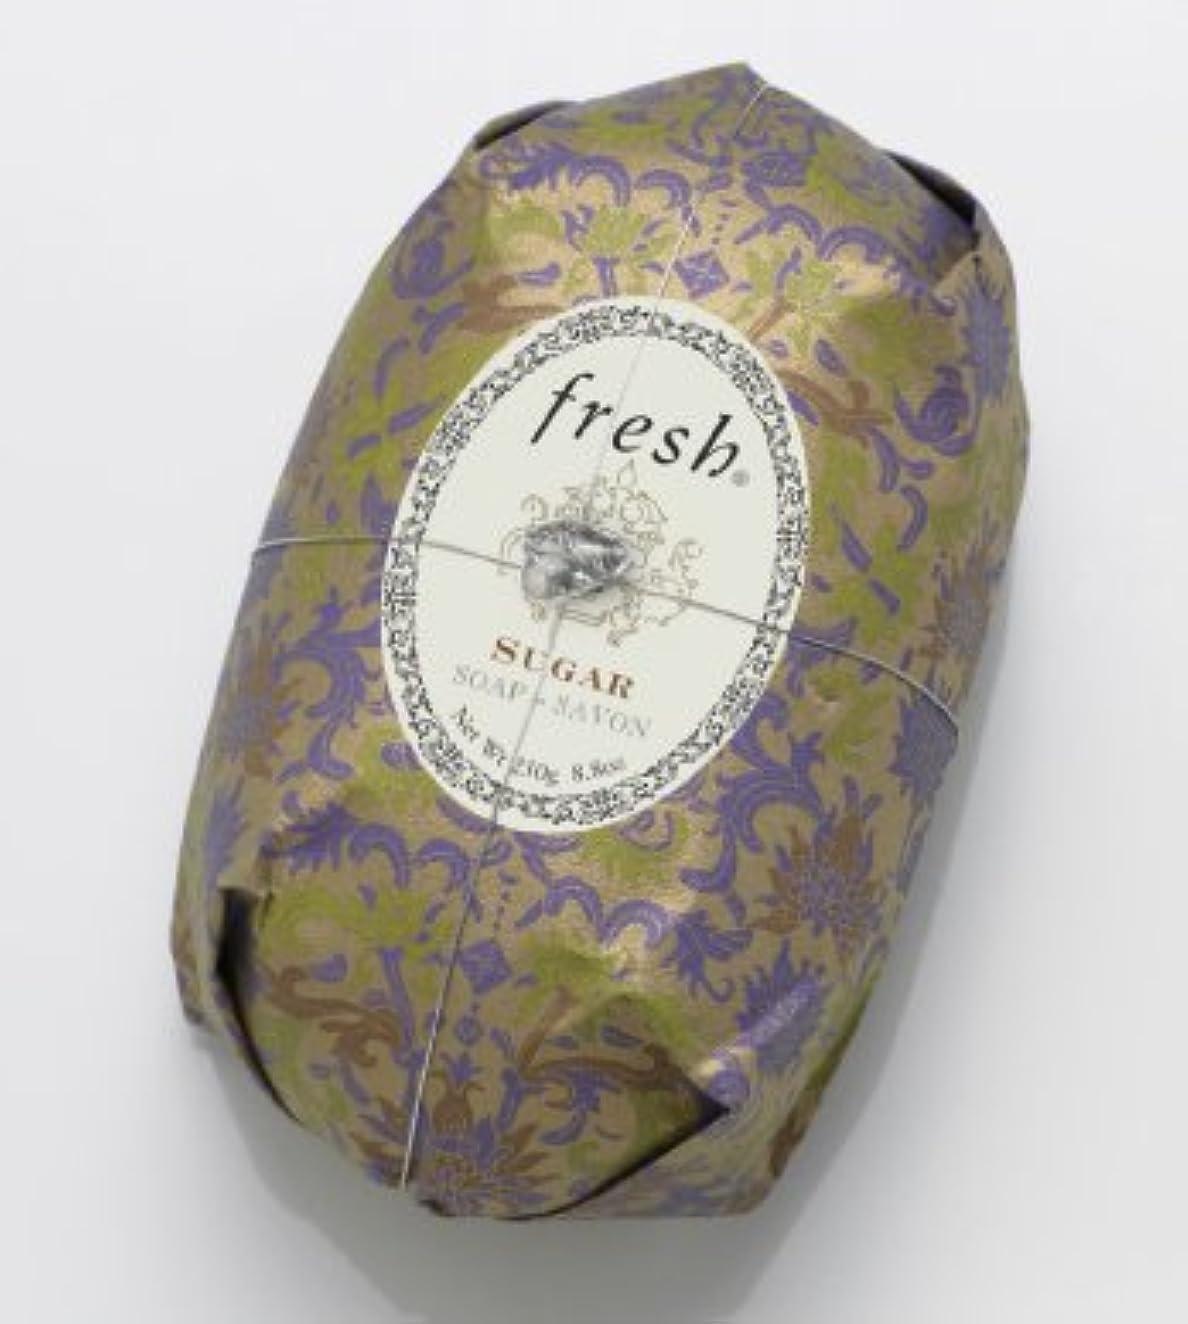 モーテルスクレーパー神経Fresh SUGAR SOAP (フレッシュ シュガー ソープ) 8.8 oz (250g) Soap (石鹸) by Fresh